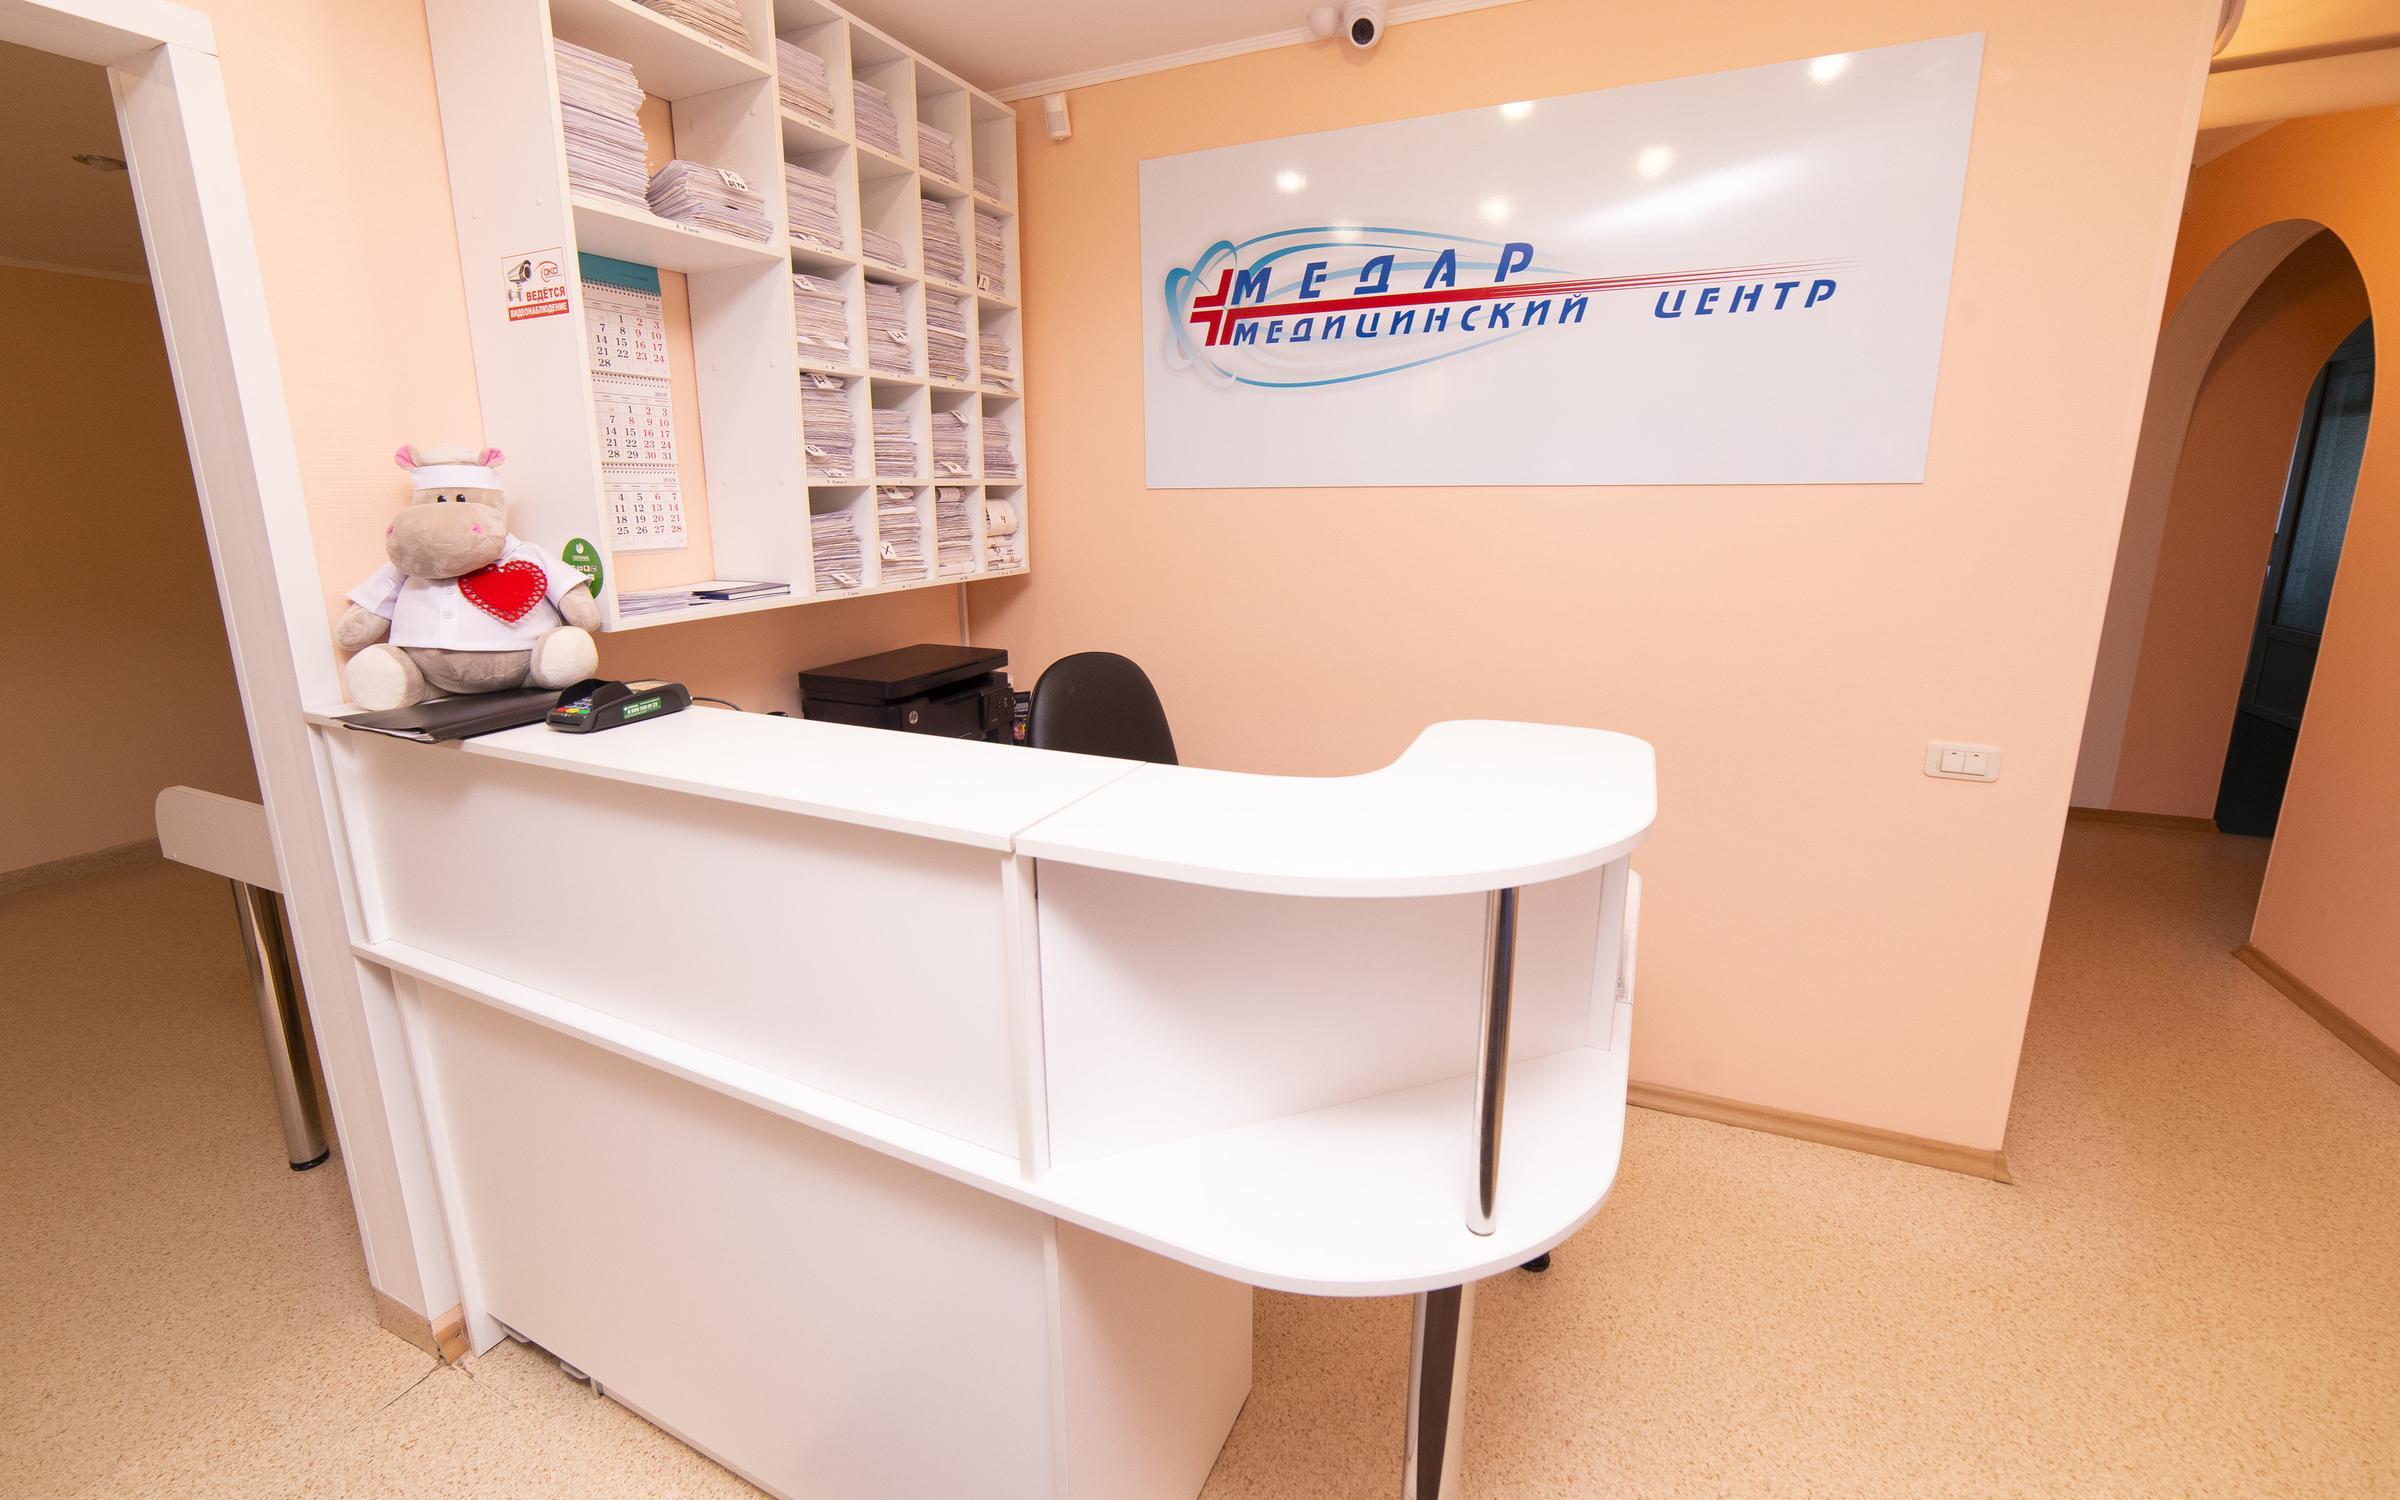 фотография Медицинского центра Медар на Широтной улице